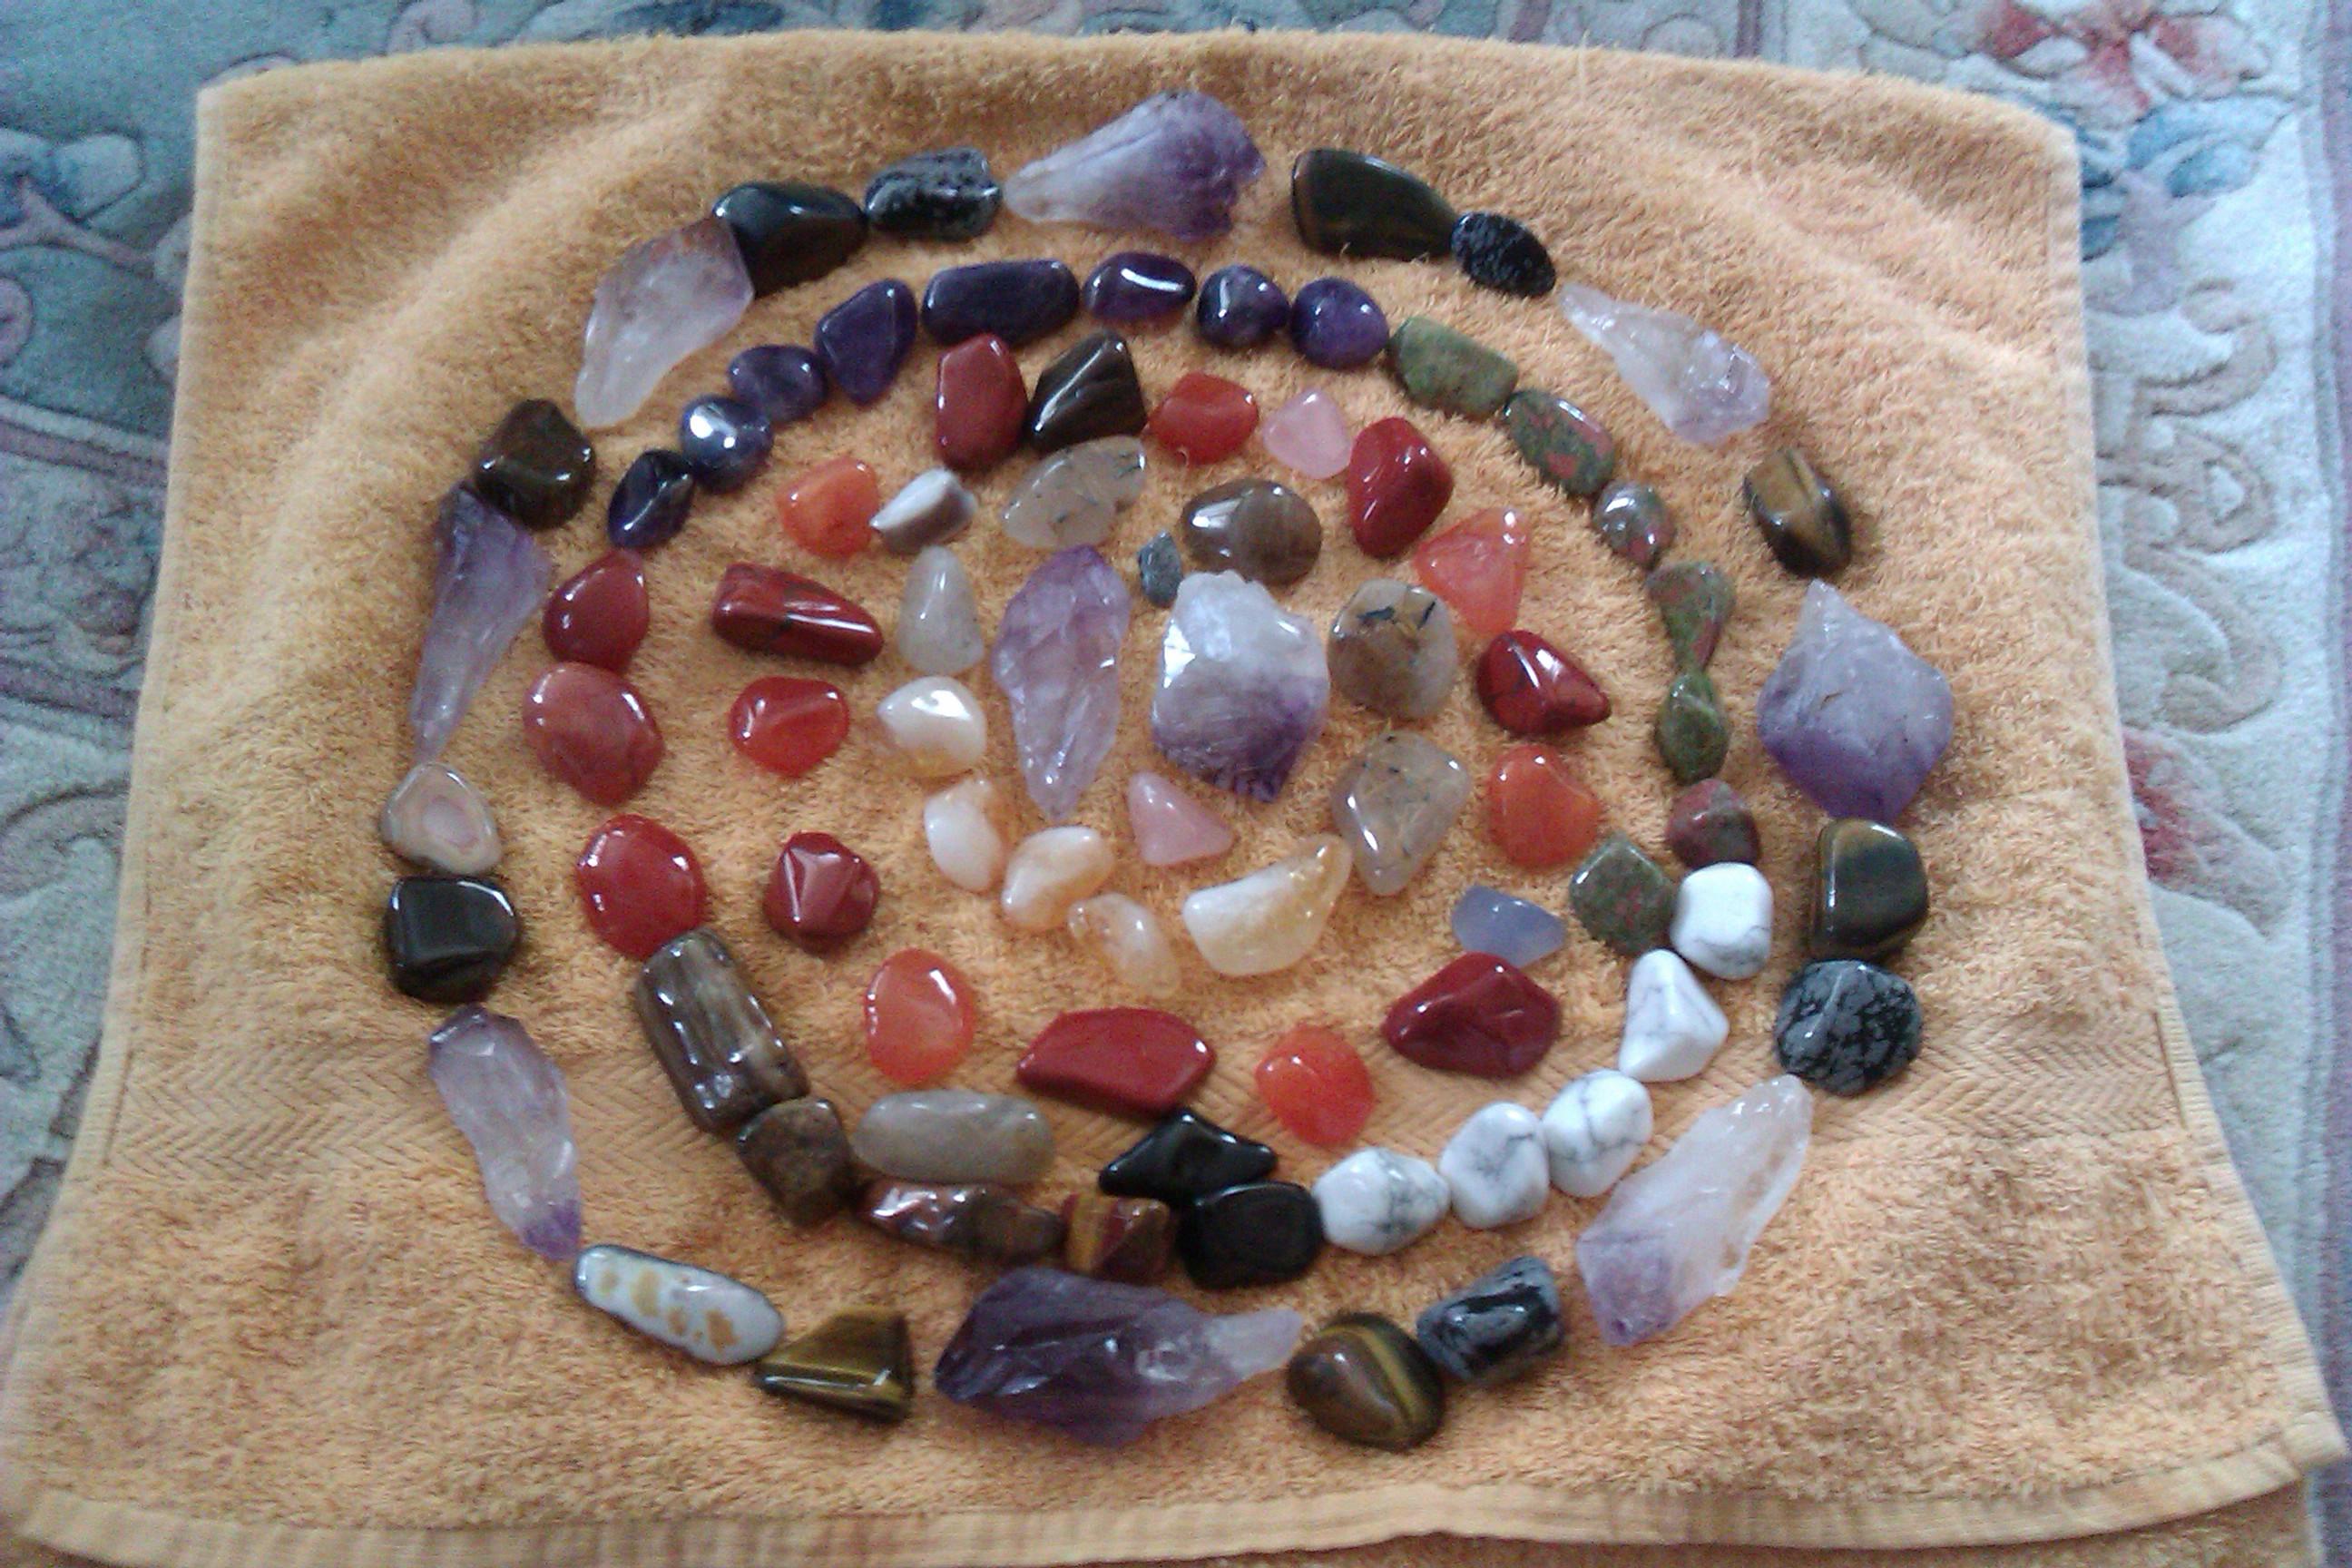 A circle of crystals